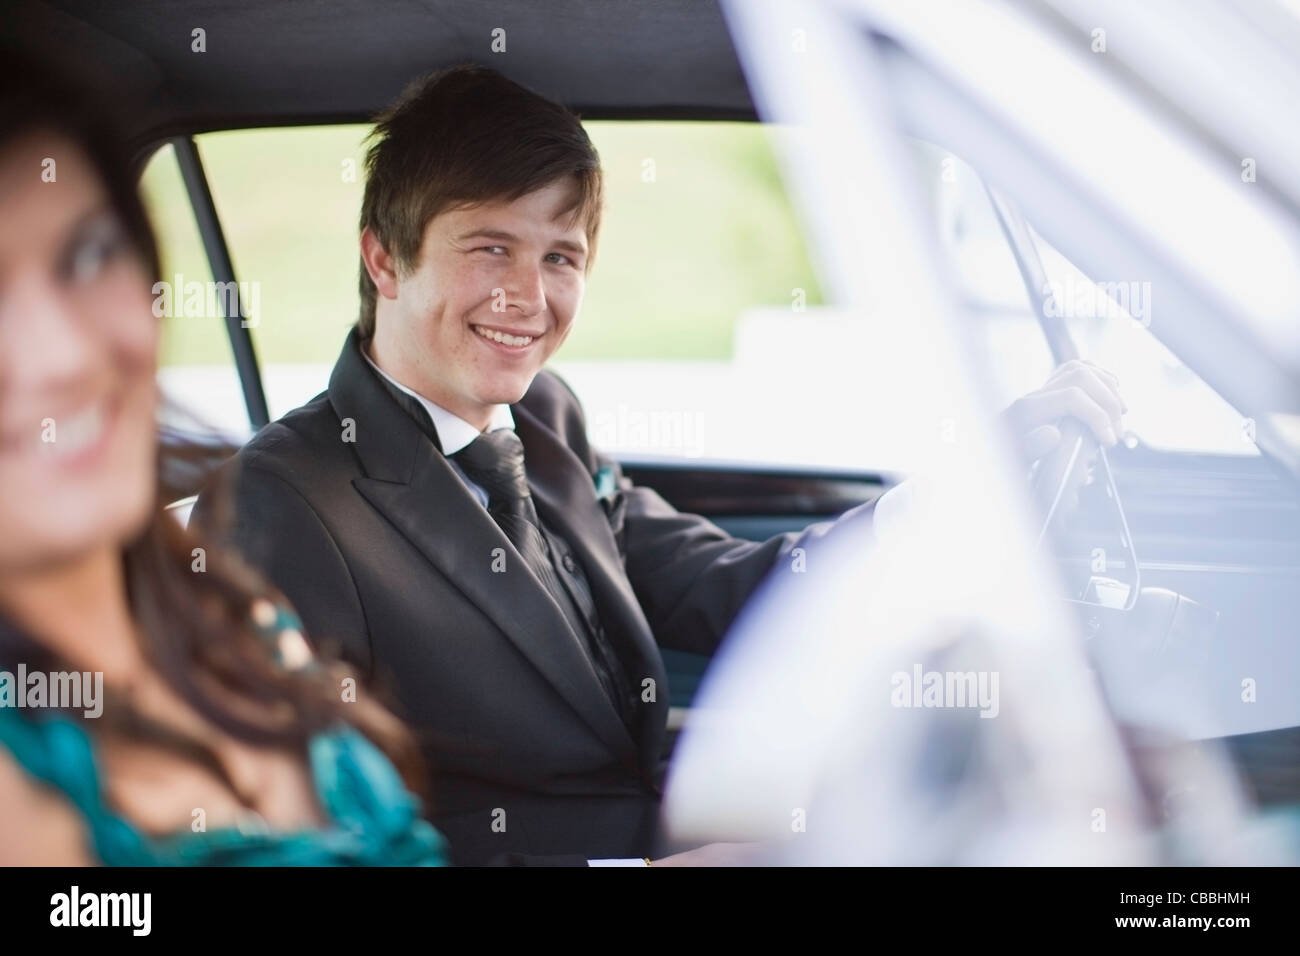 Gli adolescenti la guida auto in abbigliamento formale Immagini Stock